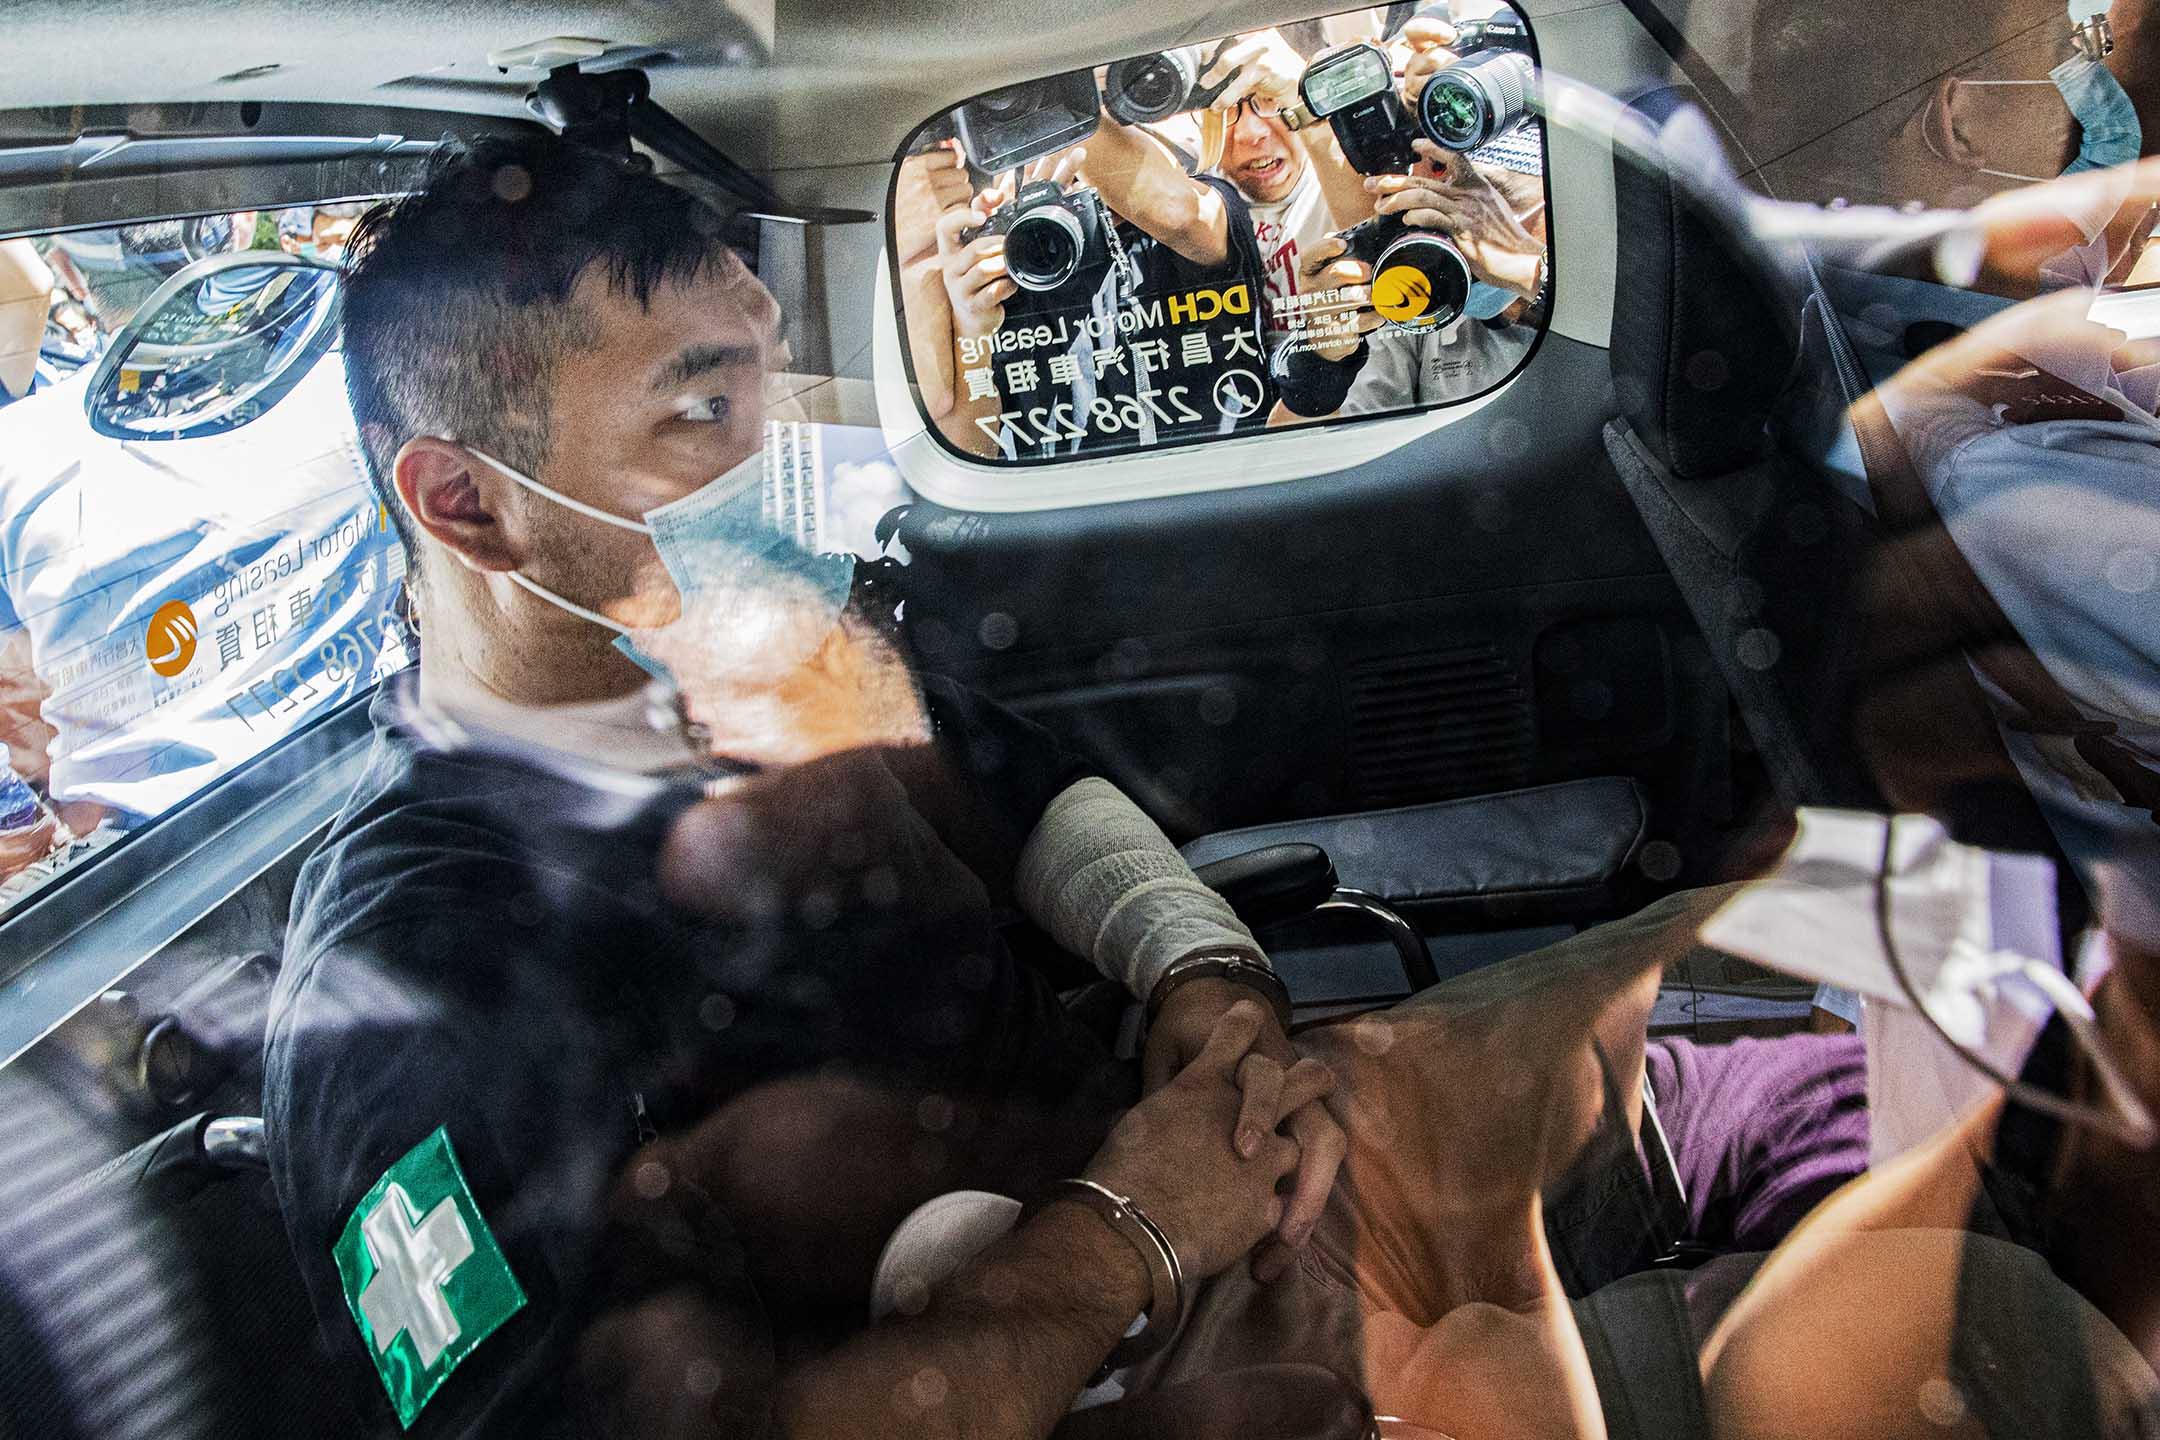 2020年7月6日,香港西九龍裁判法院,唐英傑被控駕駛插上「光復香港 時代革命」旗幟的電單車撞向警察,被指違反《國安法》由警車押送至法院提堂。 攝:陳焯煇/端傳媒